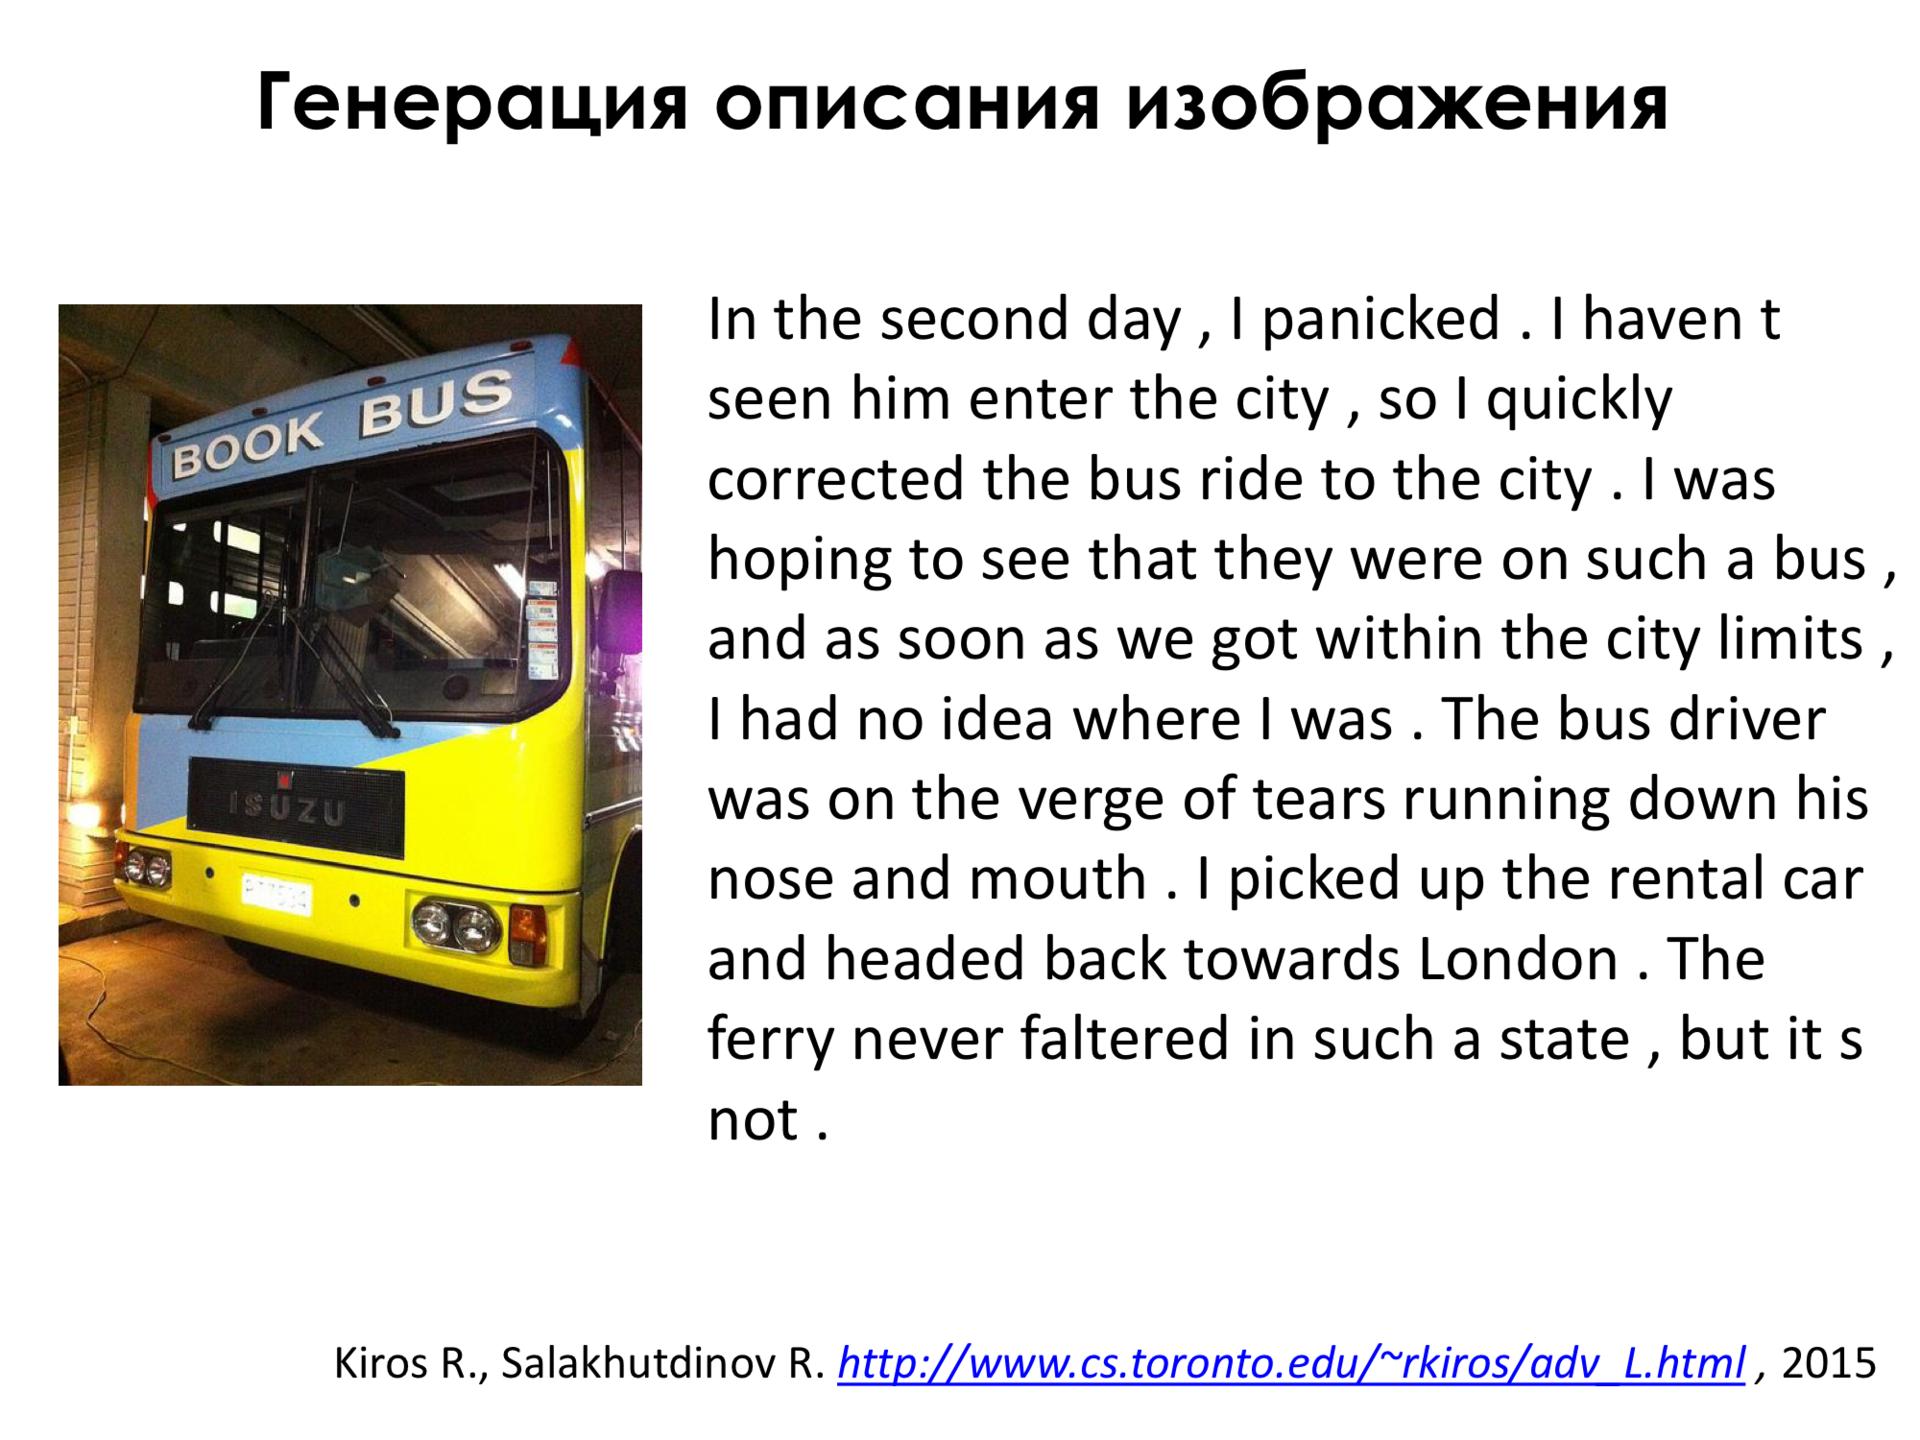 Самое главное о нейронных сетях. Лекция в Яндексе - 40